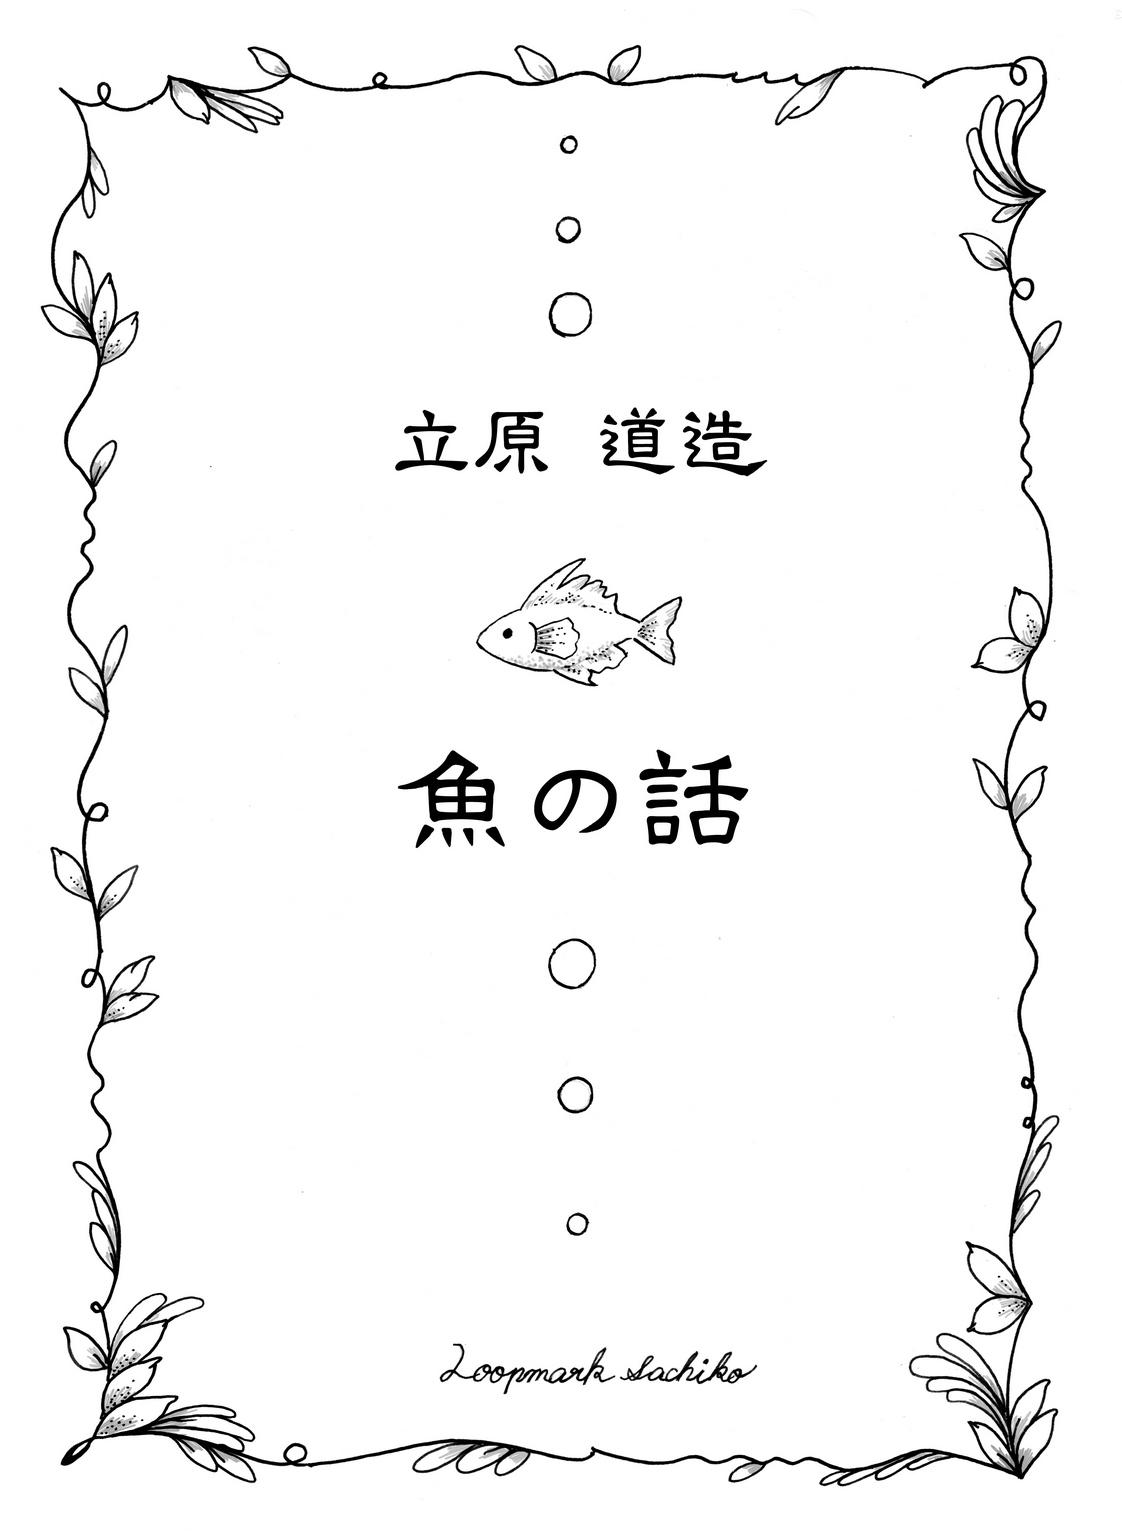 詩漫画 立原道造「魚の話」(『散歩詩集』より)_f0228652_21541556.jpeg